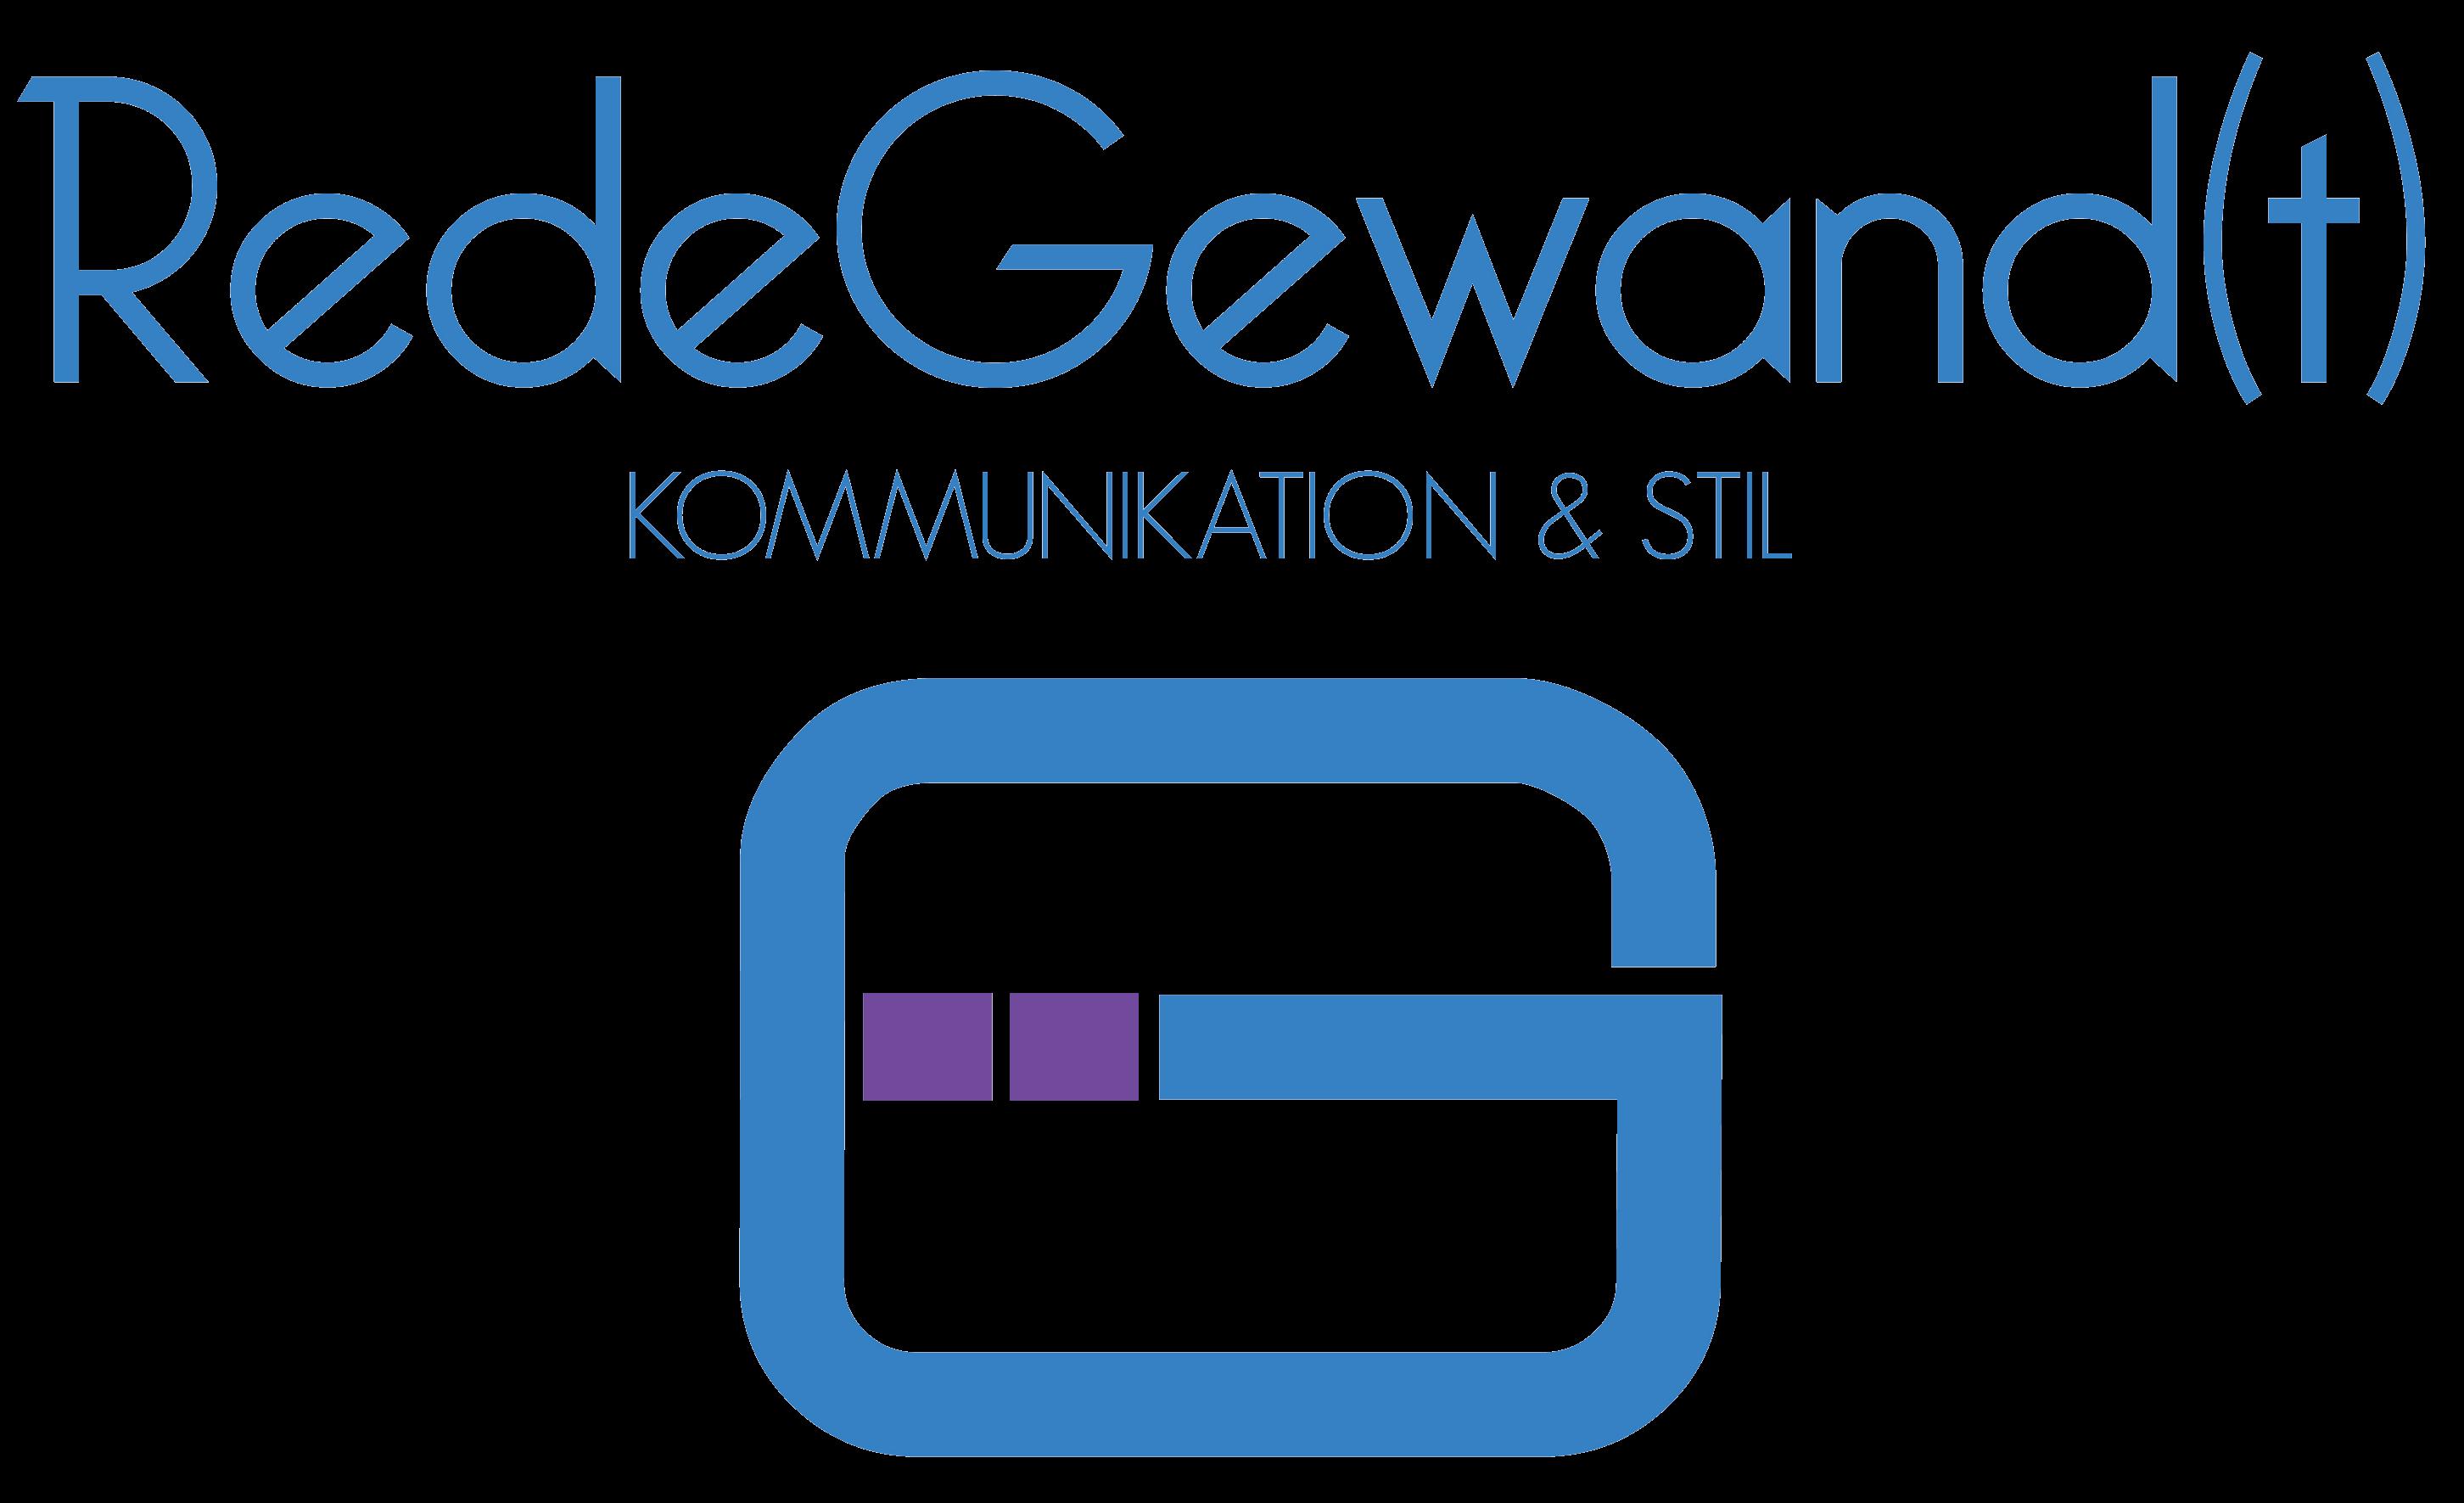 Redegewandt logo